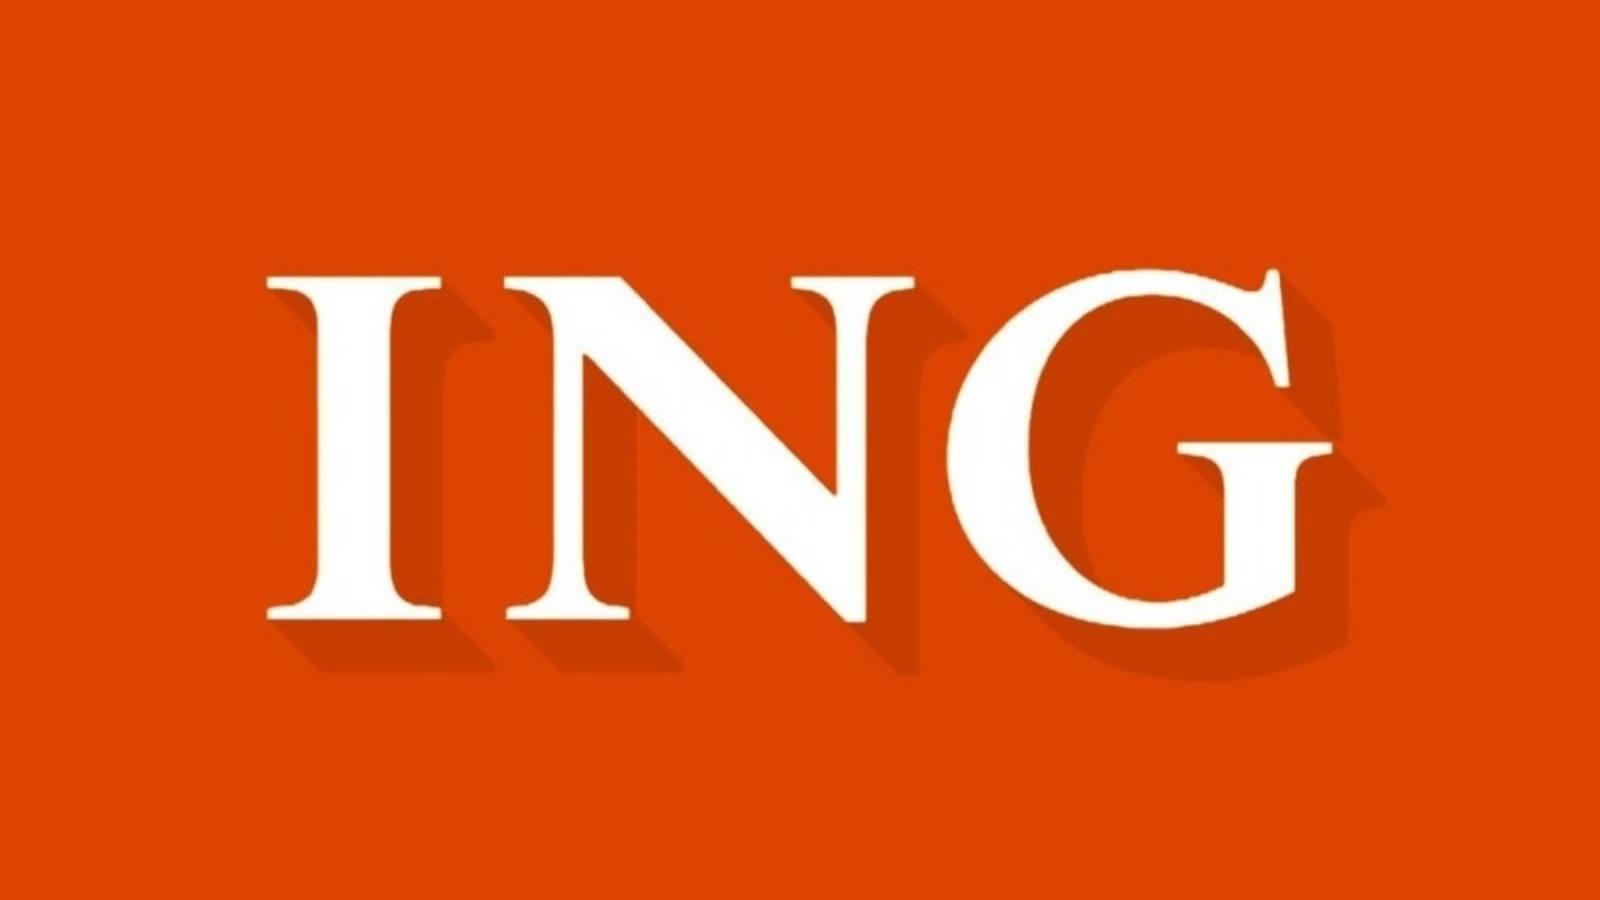 ING Bank economisire